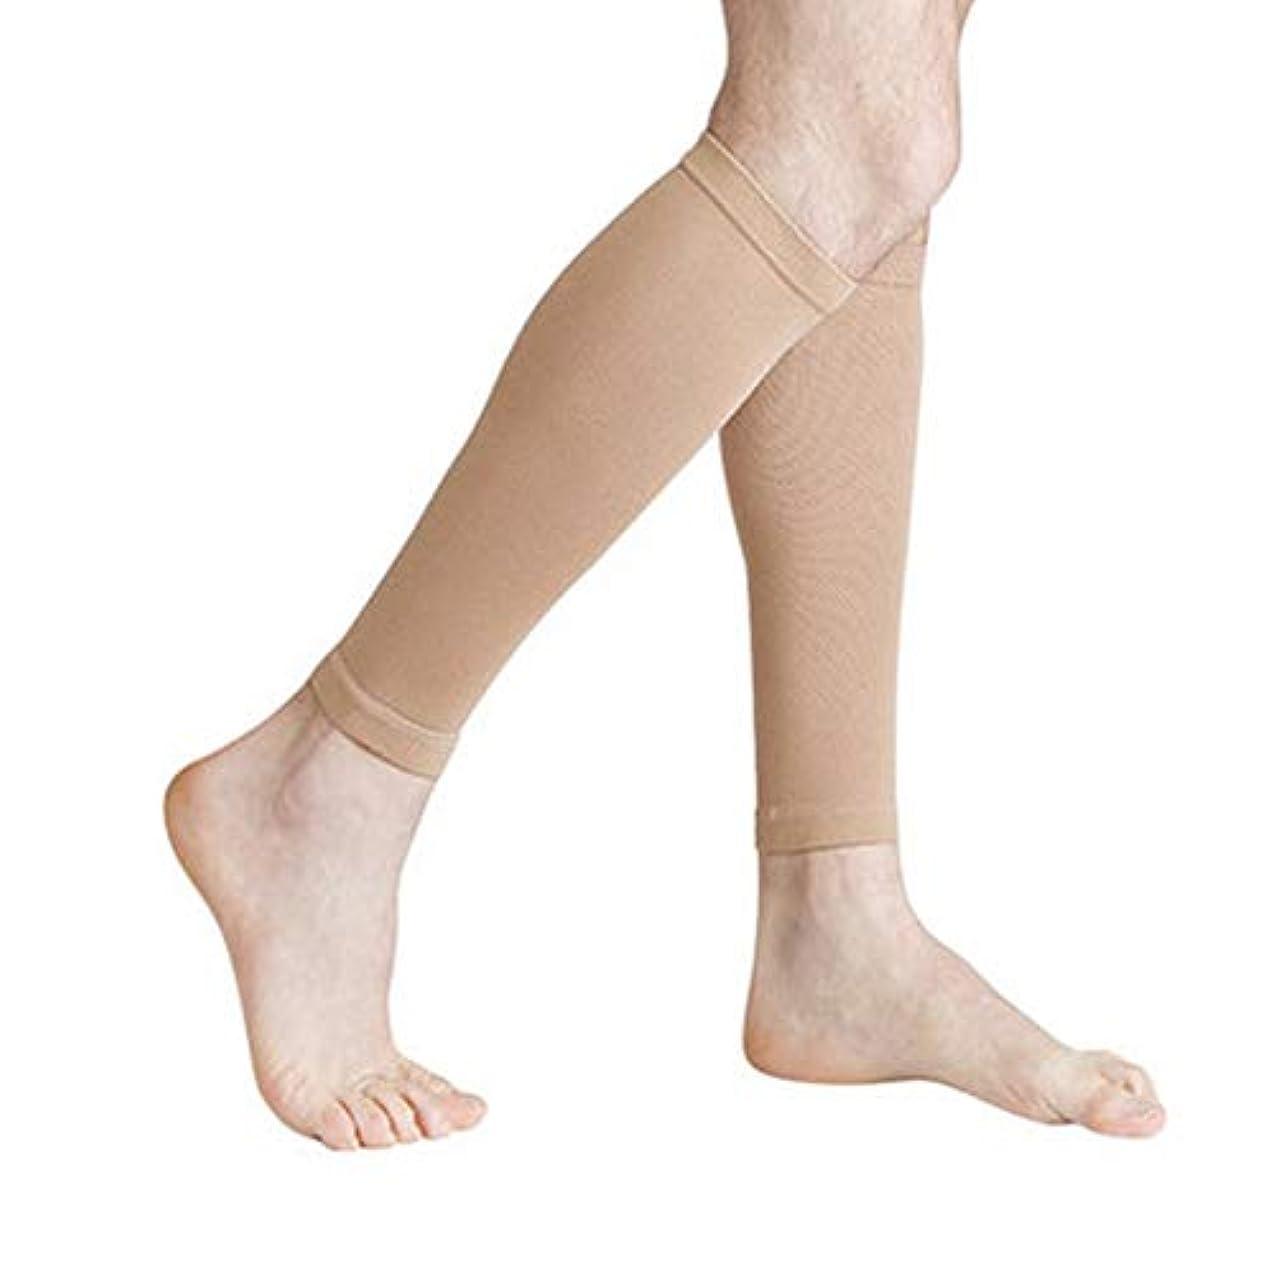 分解するバラエティ子供っぽい丈夫な男性女性プロの圧縮靴下通気性のある旅行活動看護師用シントスプリントフライトトラベル - 肌色